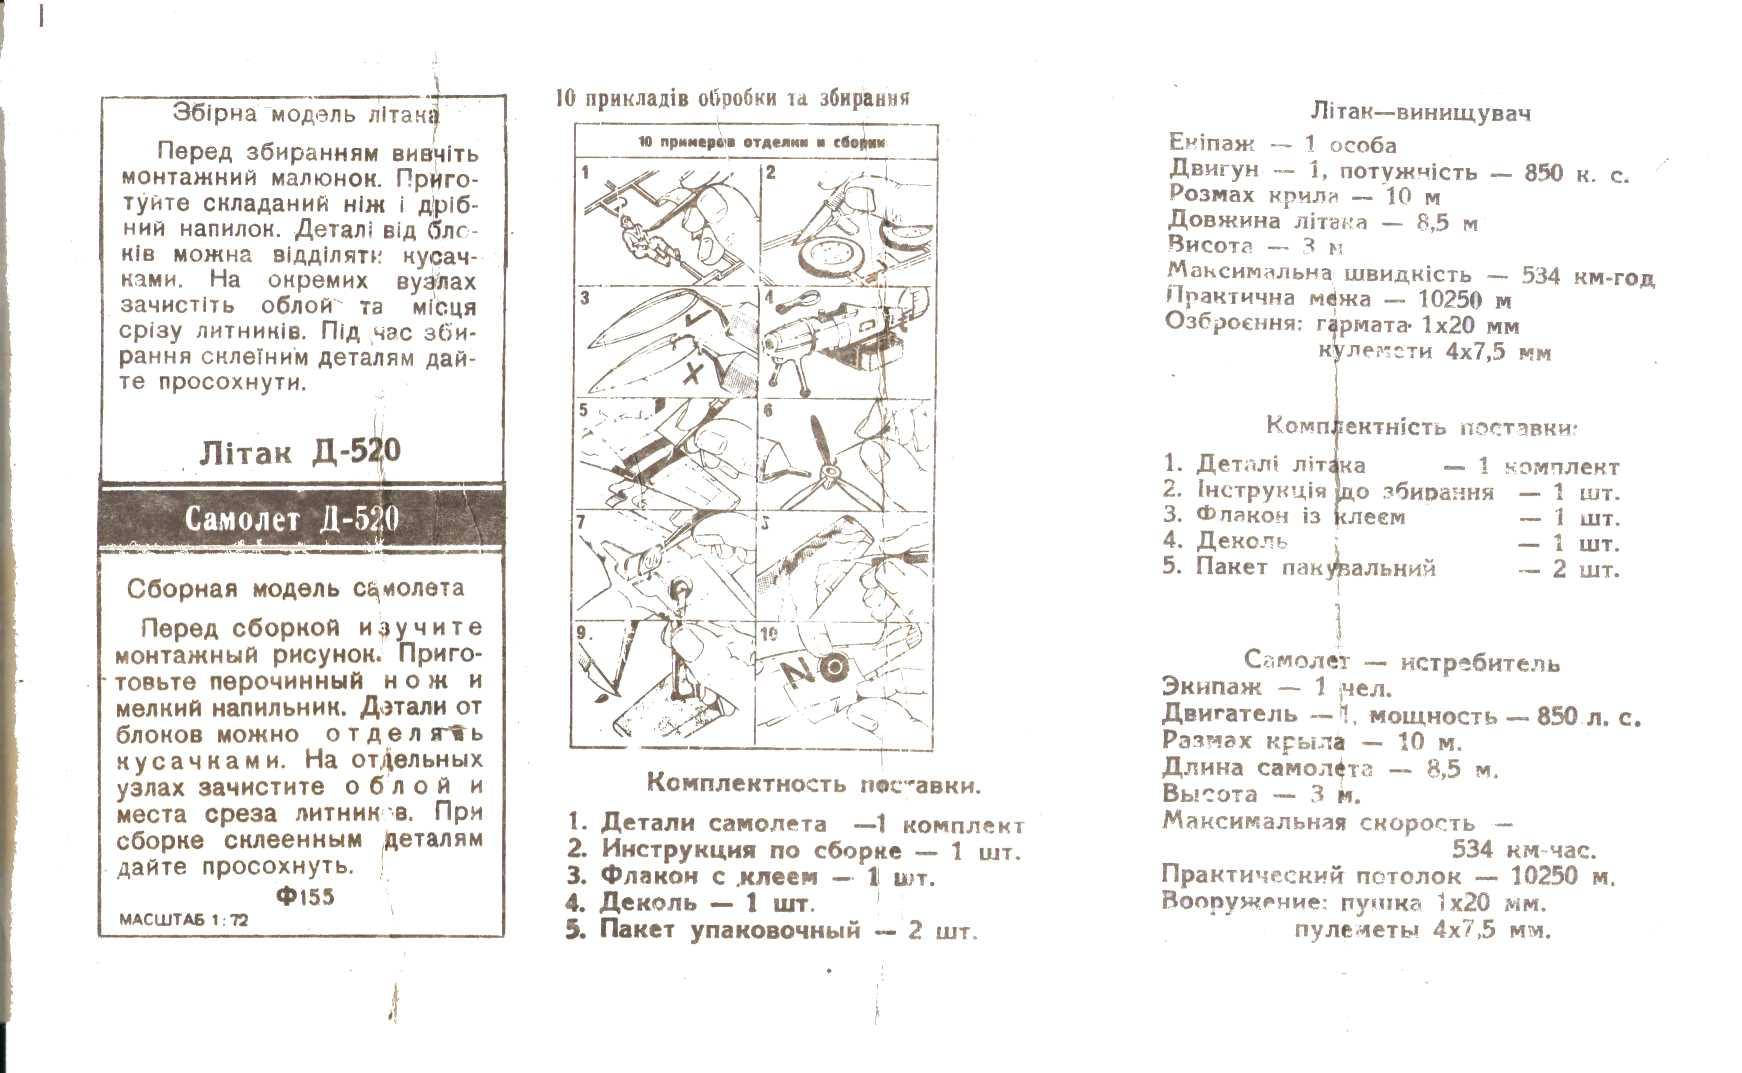 Донецкая инструкция Ф155 Dewoitine D520